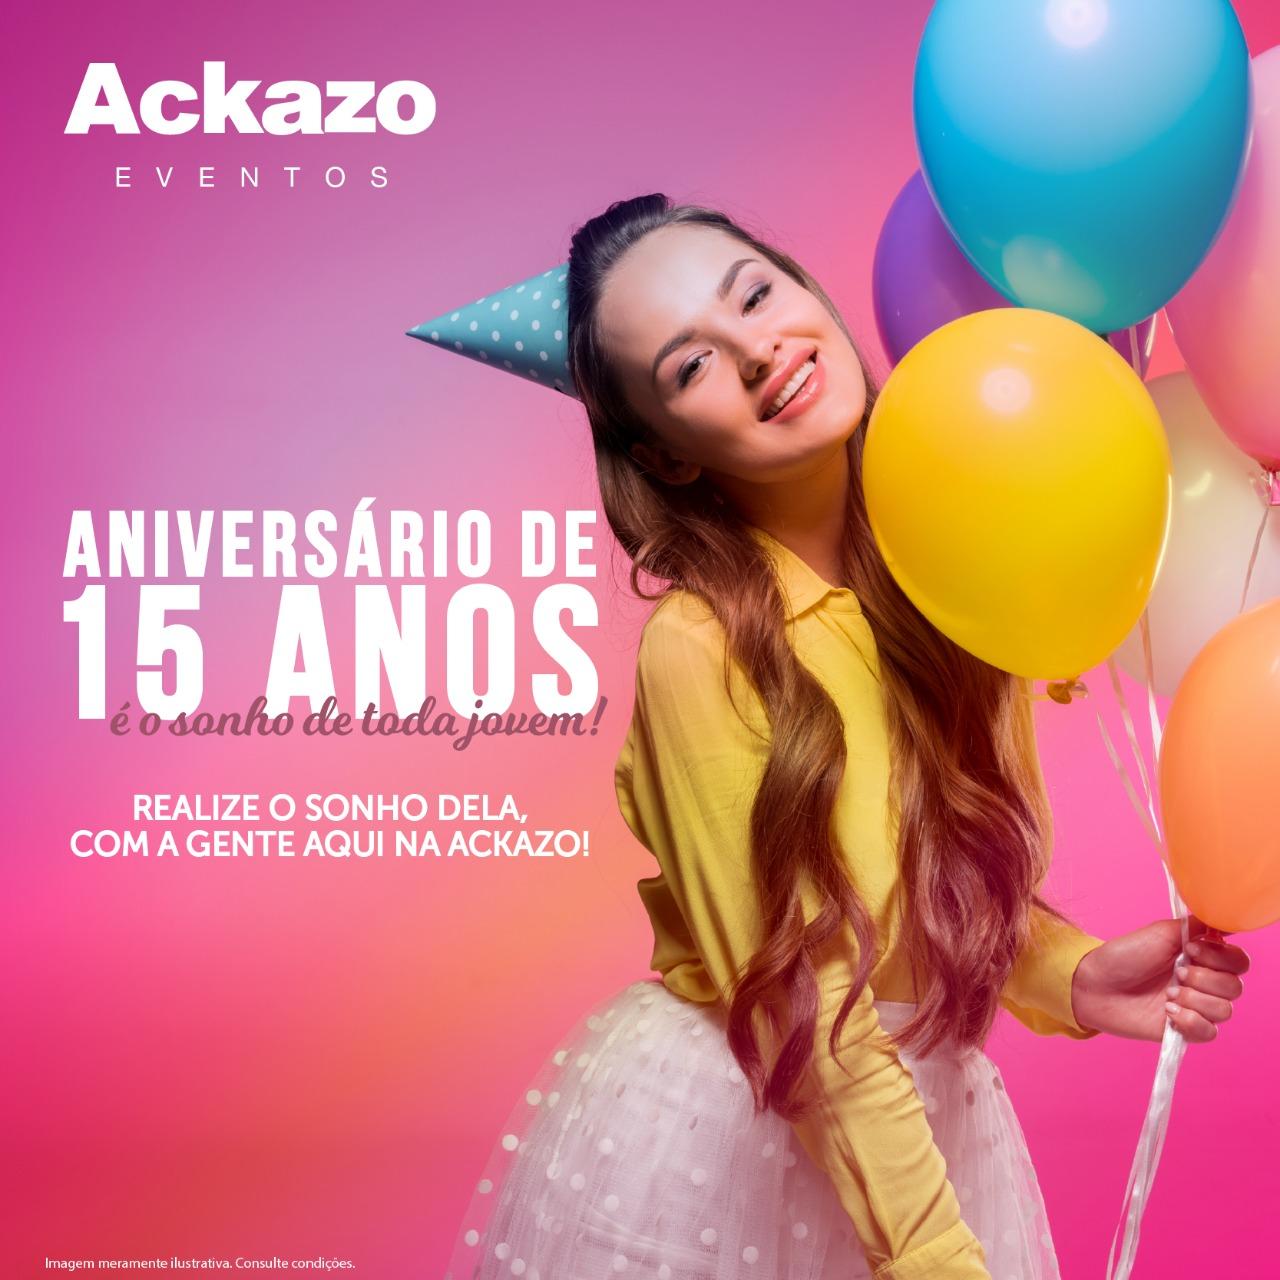 Ackazo Eventos